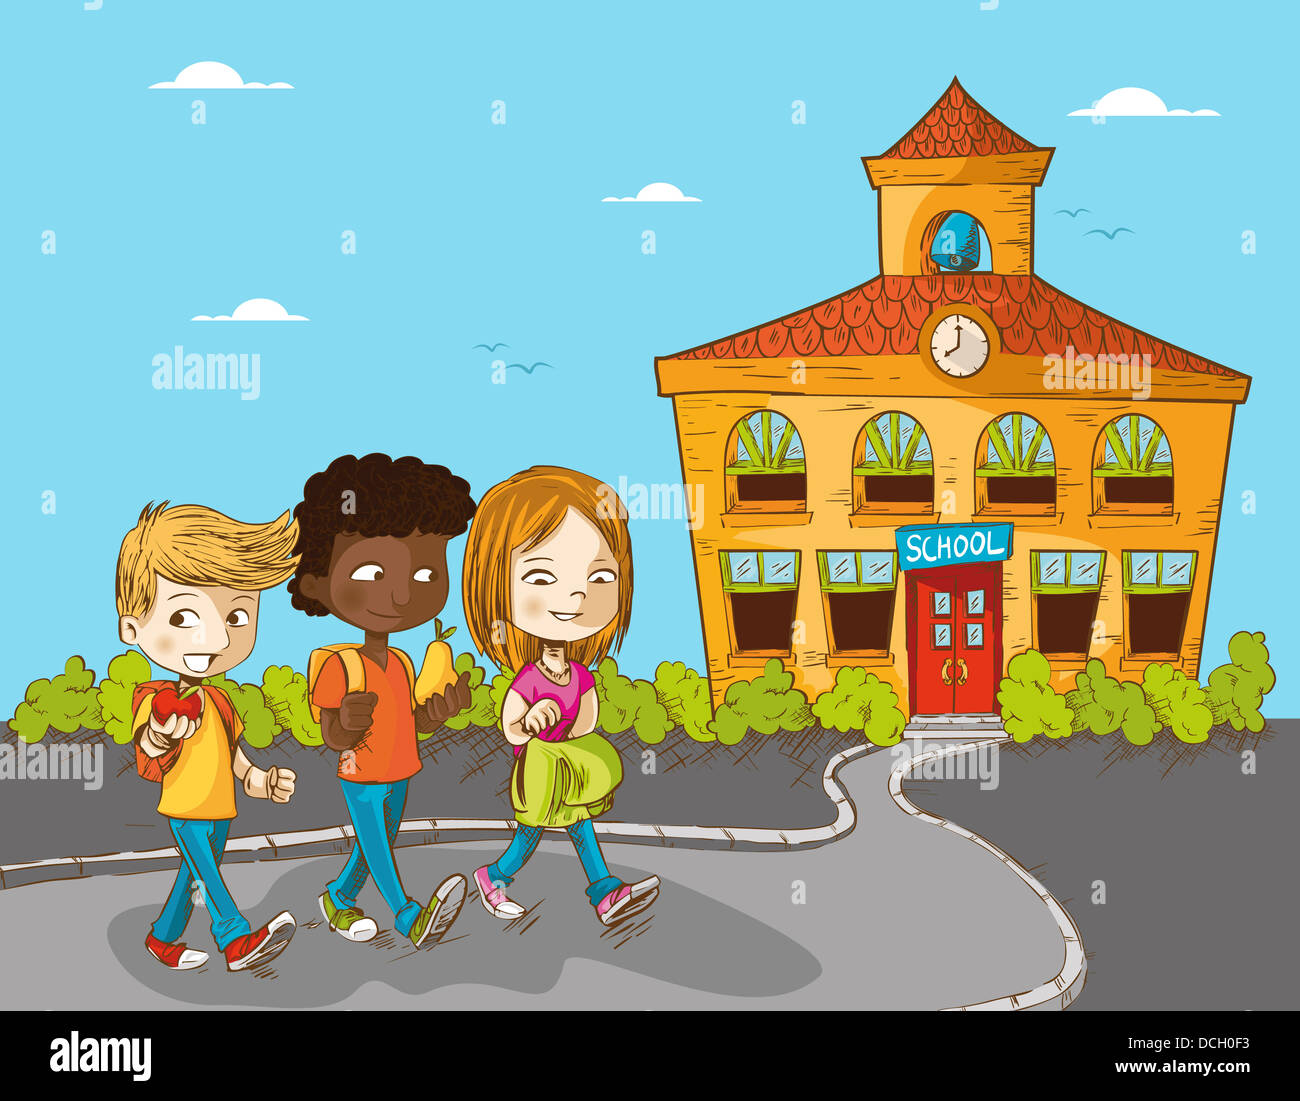 Back To School Cartoon Kids Walking To School Education